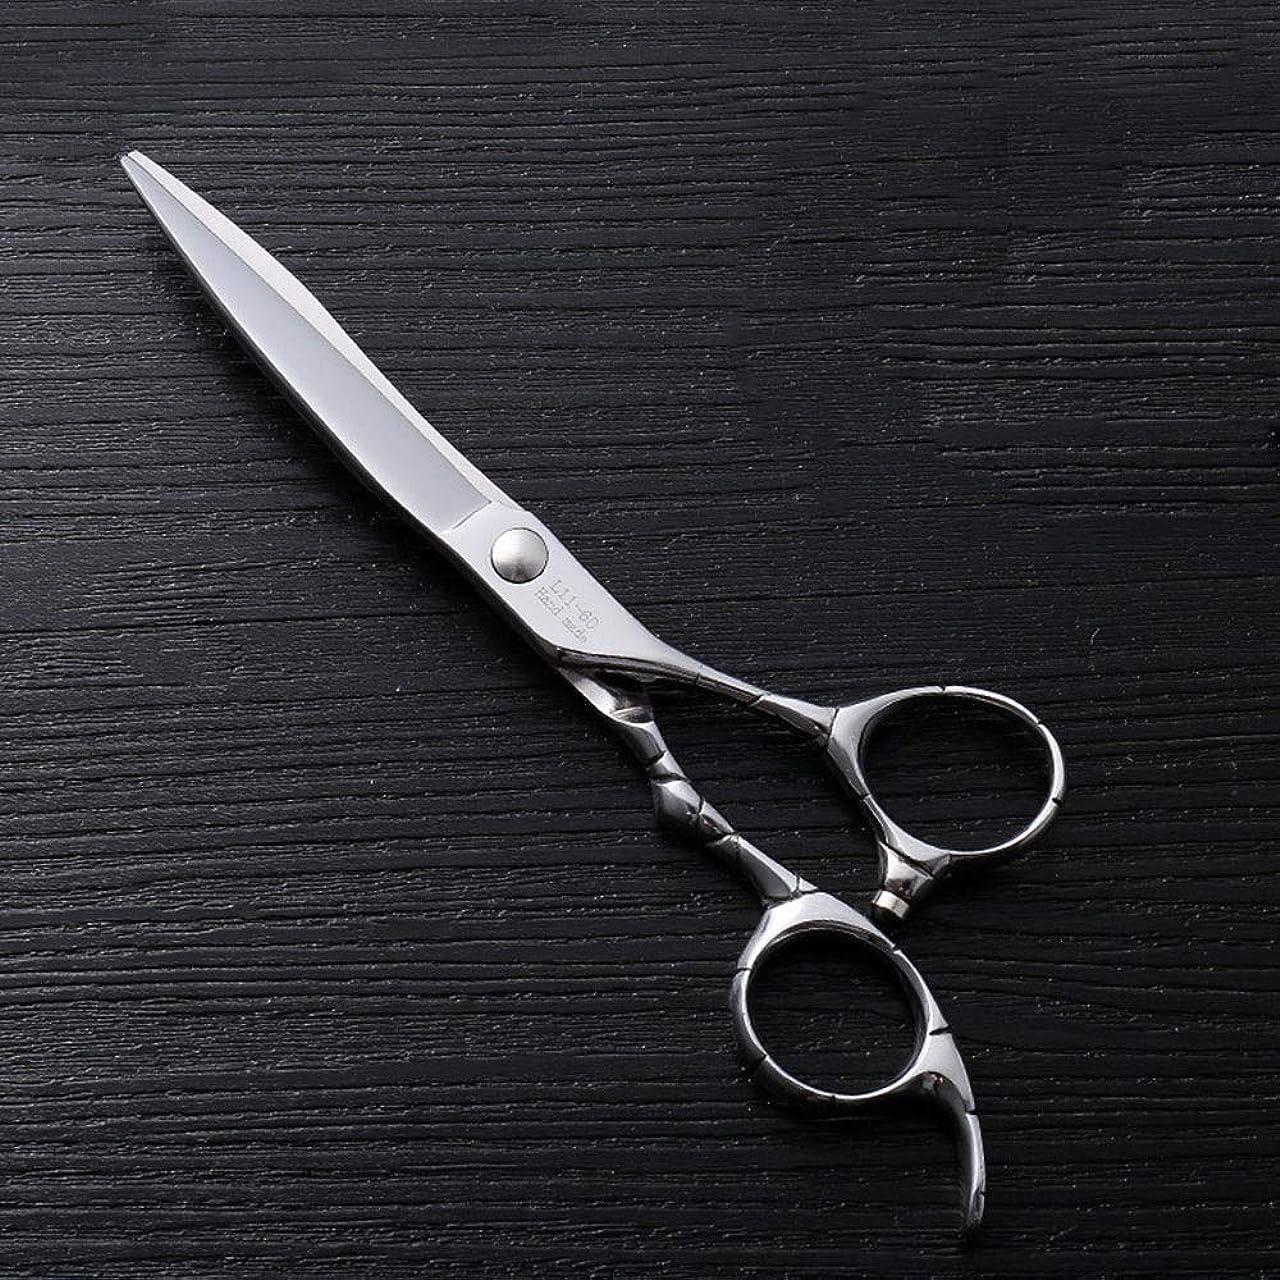 トランクライブラリ穴ブーム6インチファイントリムプロフェッショナルフラットシアハイエンドステンレスフラット理髪はさみ モデリングツール (色 : Silver)